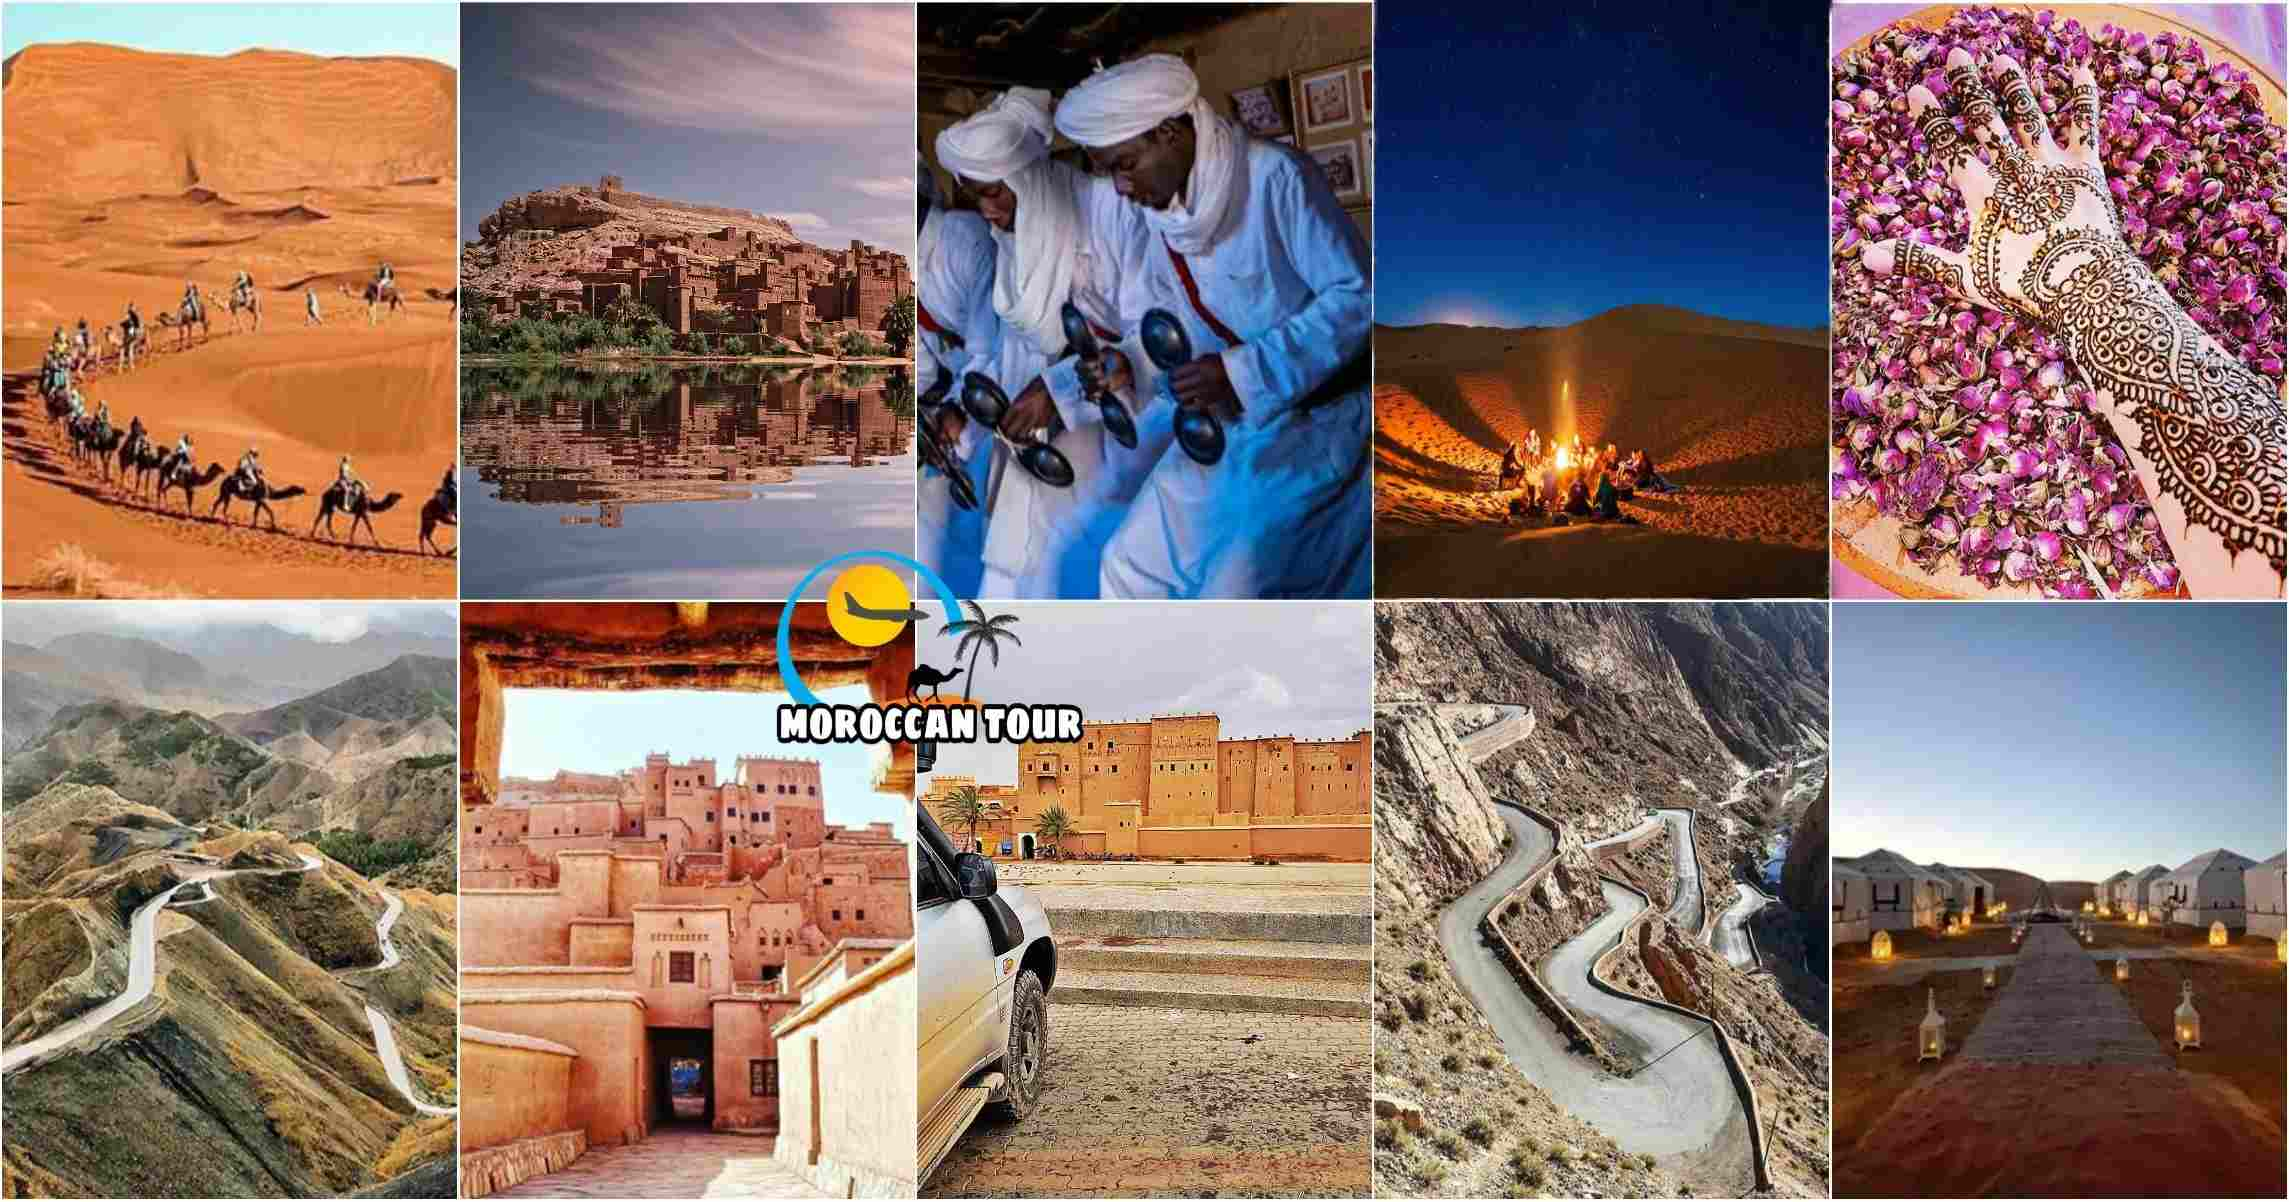 Tour del deserto di 3 giorni